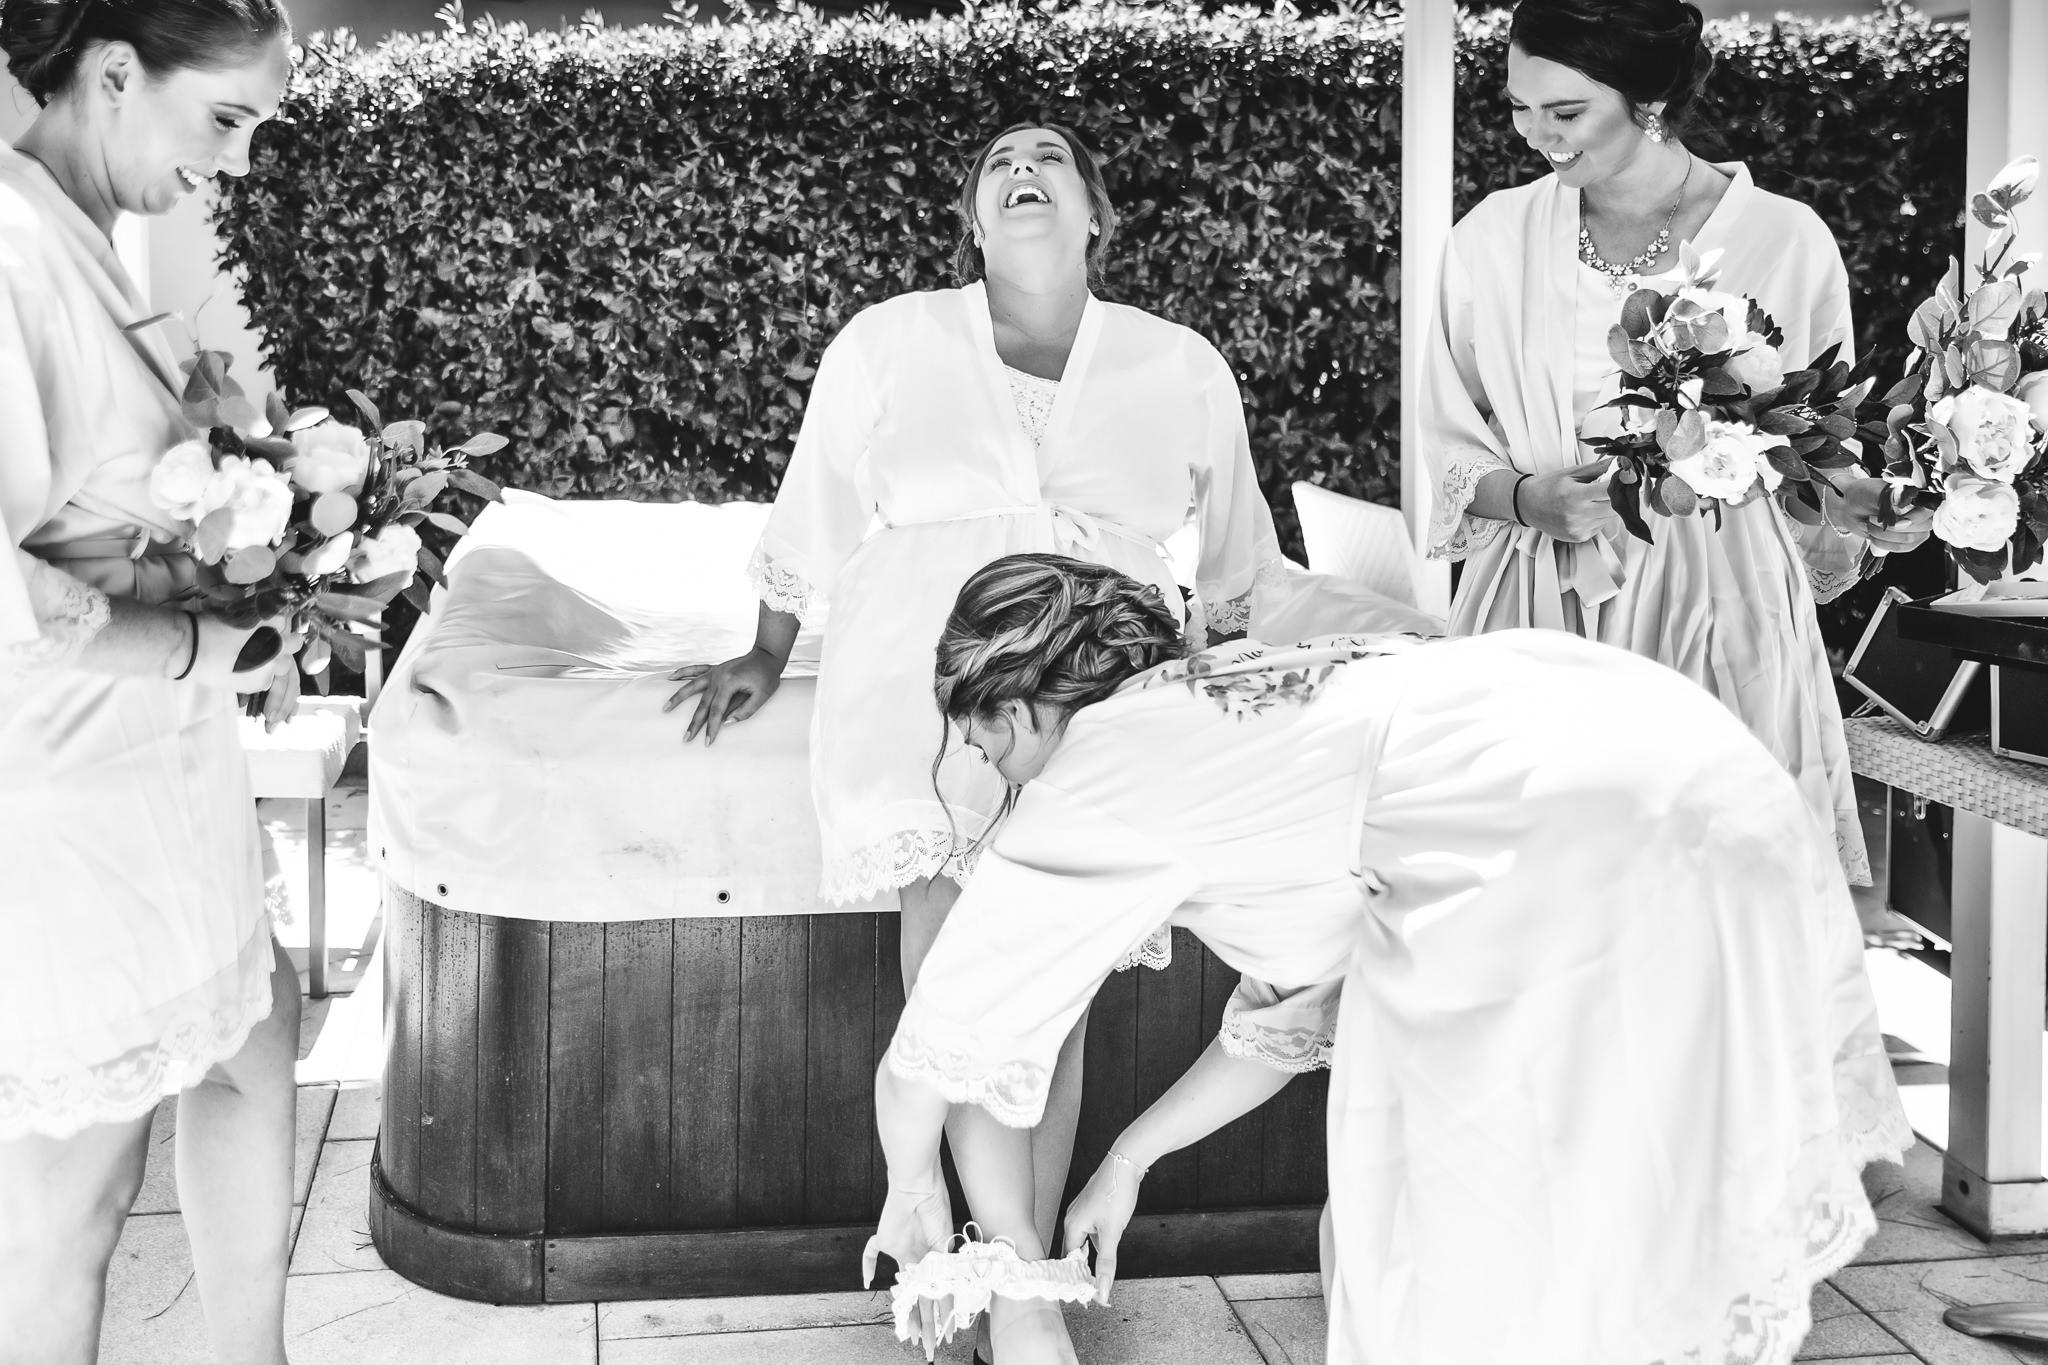 018-2019-04-27-Wedding-Michelle-e-Callum-5DE-168-Edit